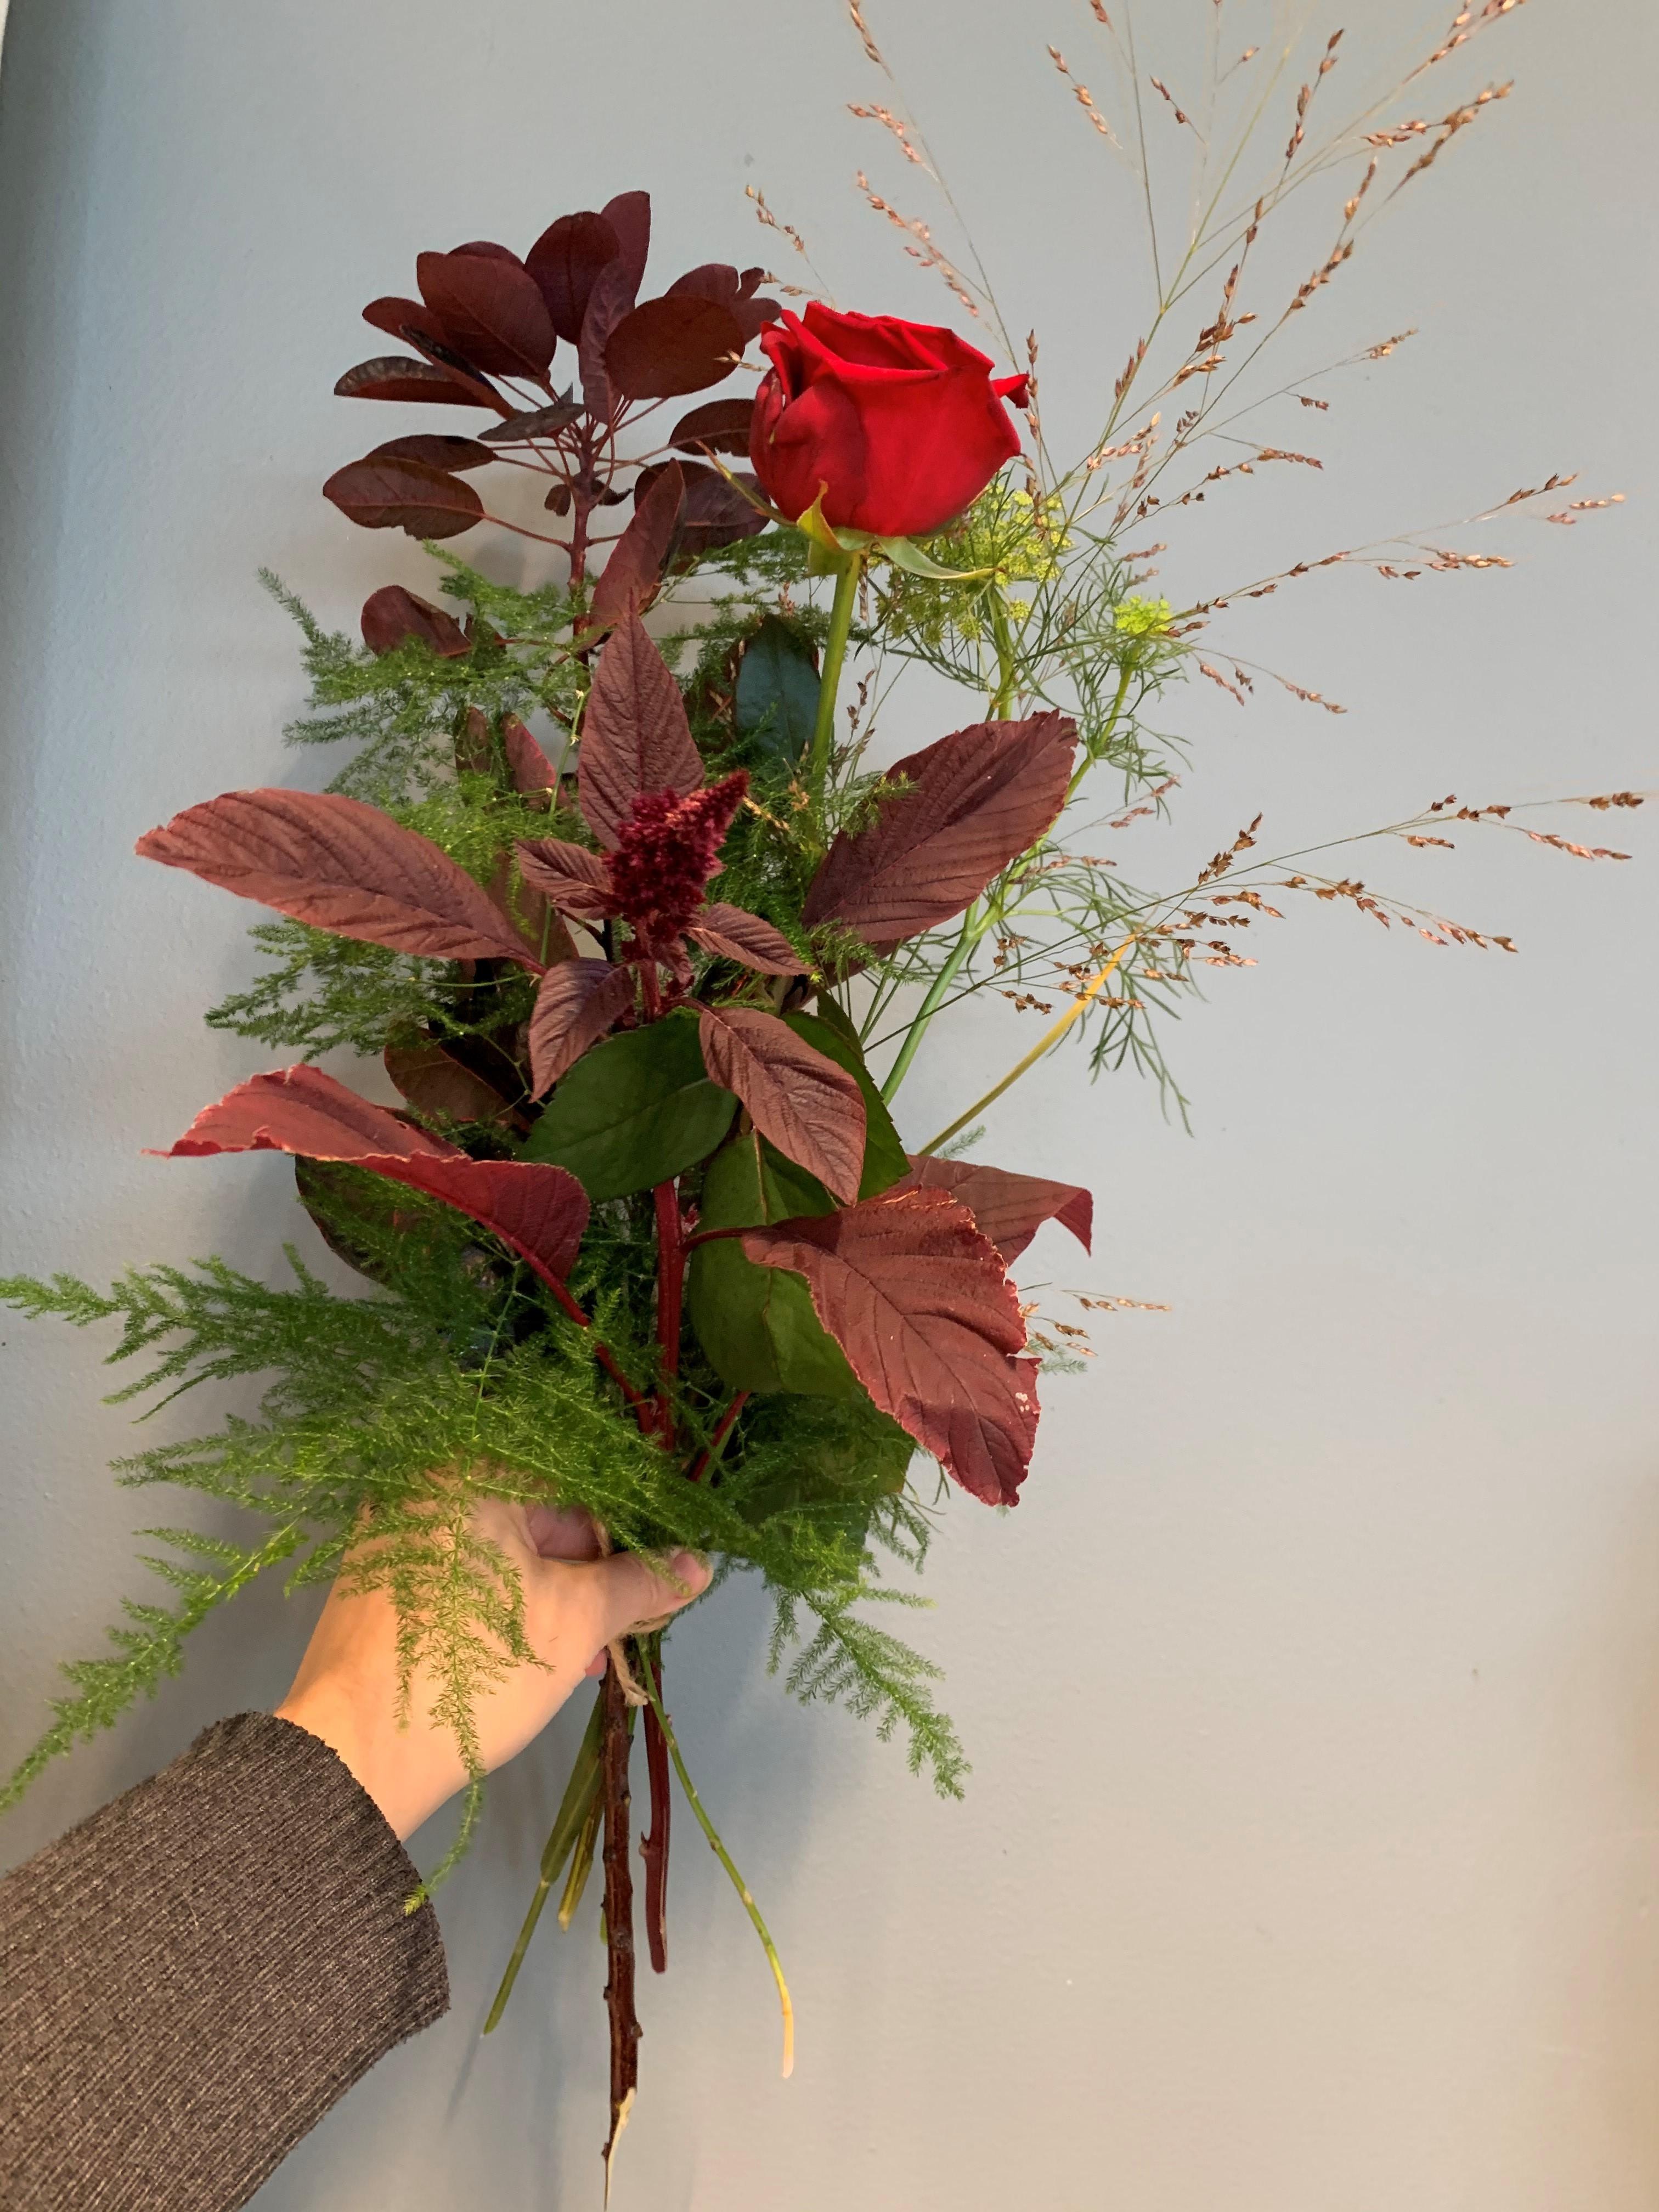 Röd ros med grässtrån